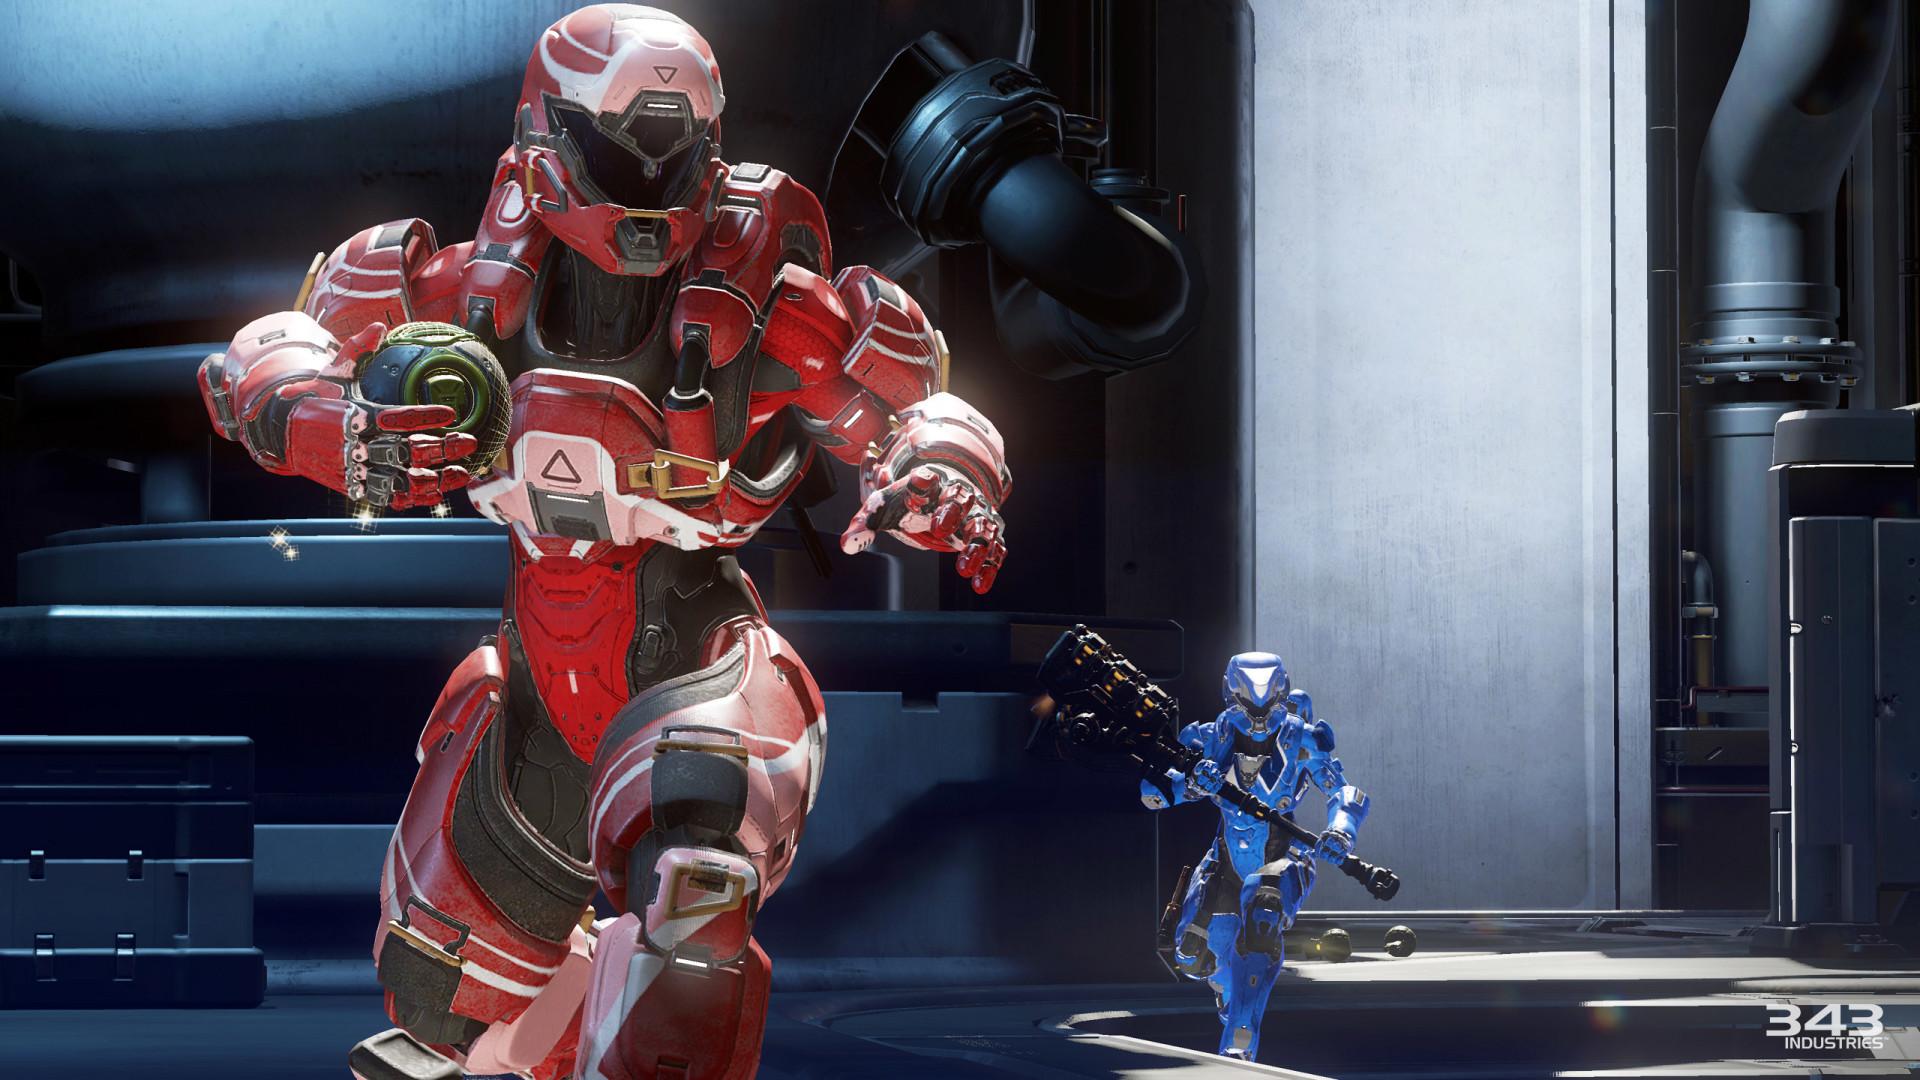 Halo 5 : guardians u2013 mise à jour de la carte torque et des modes